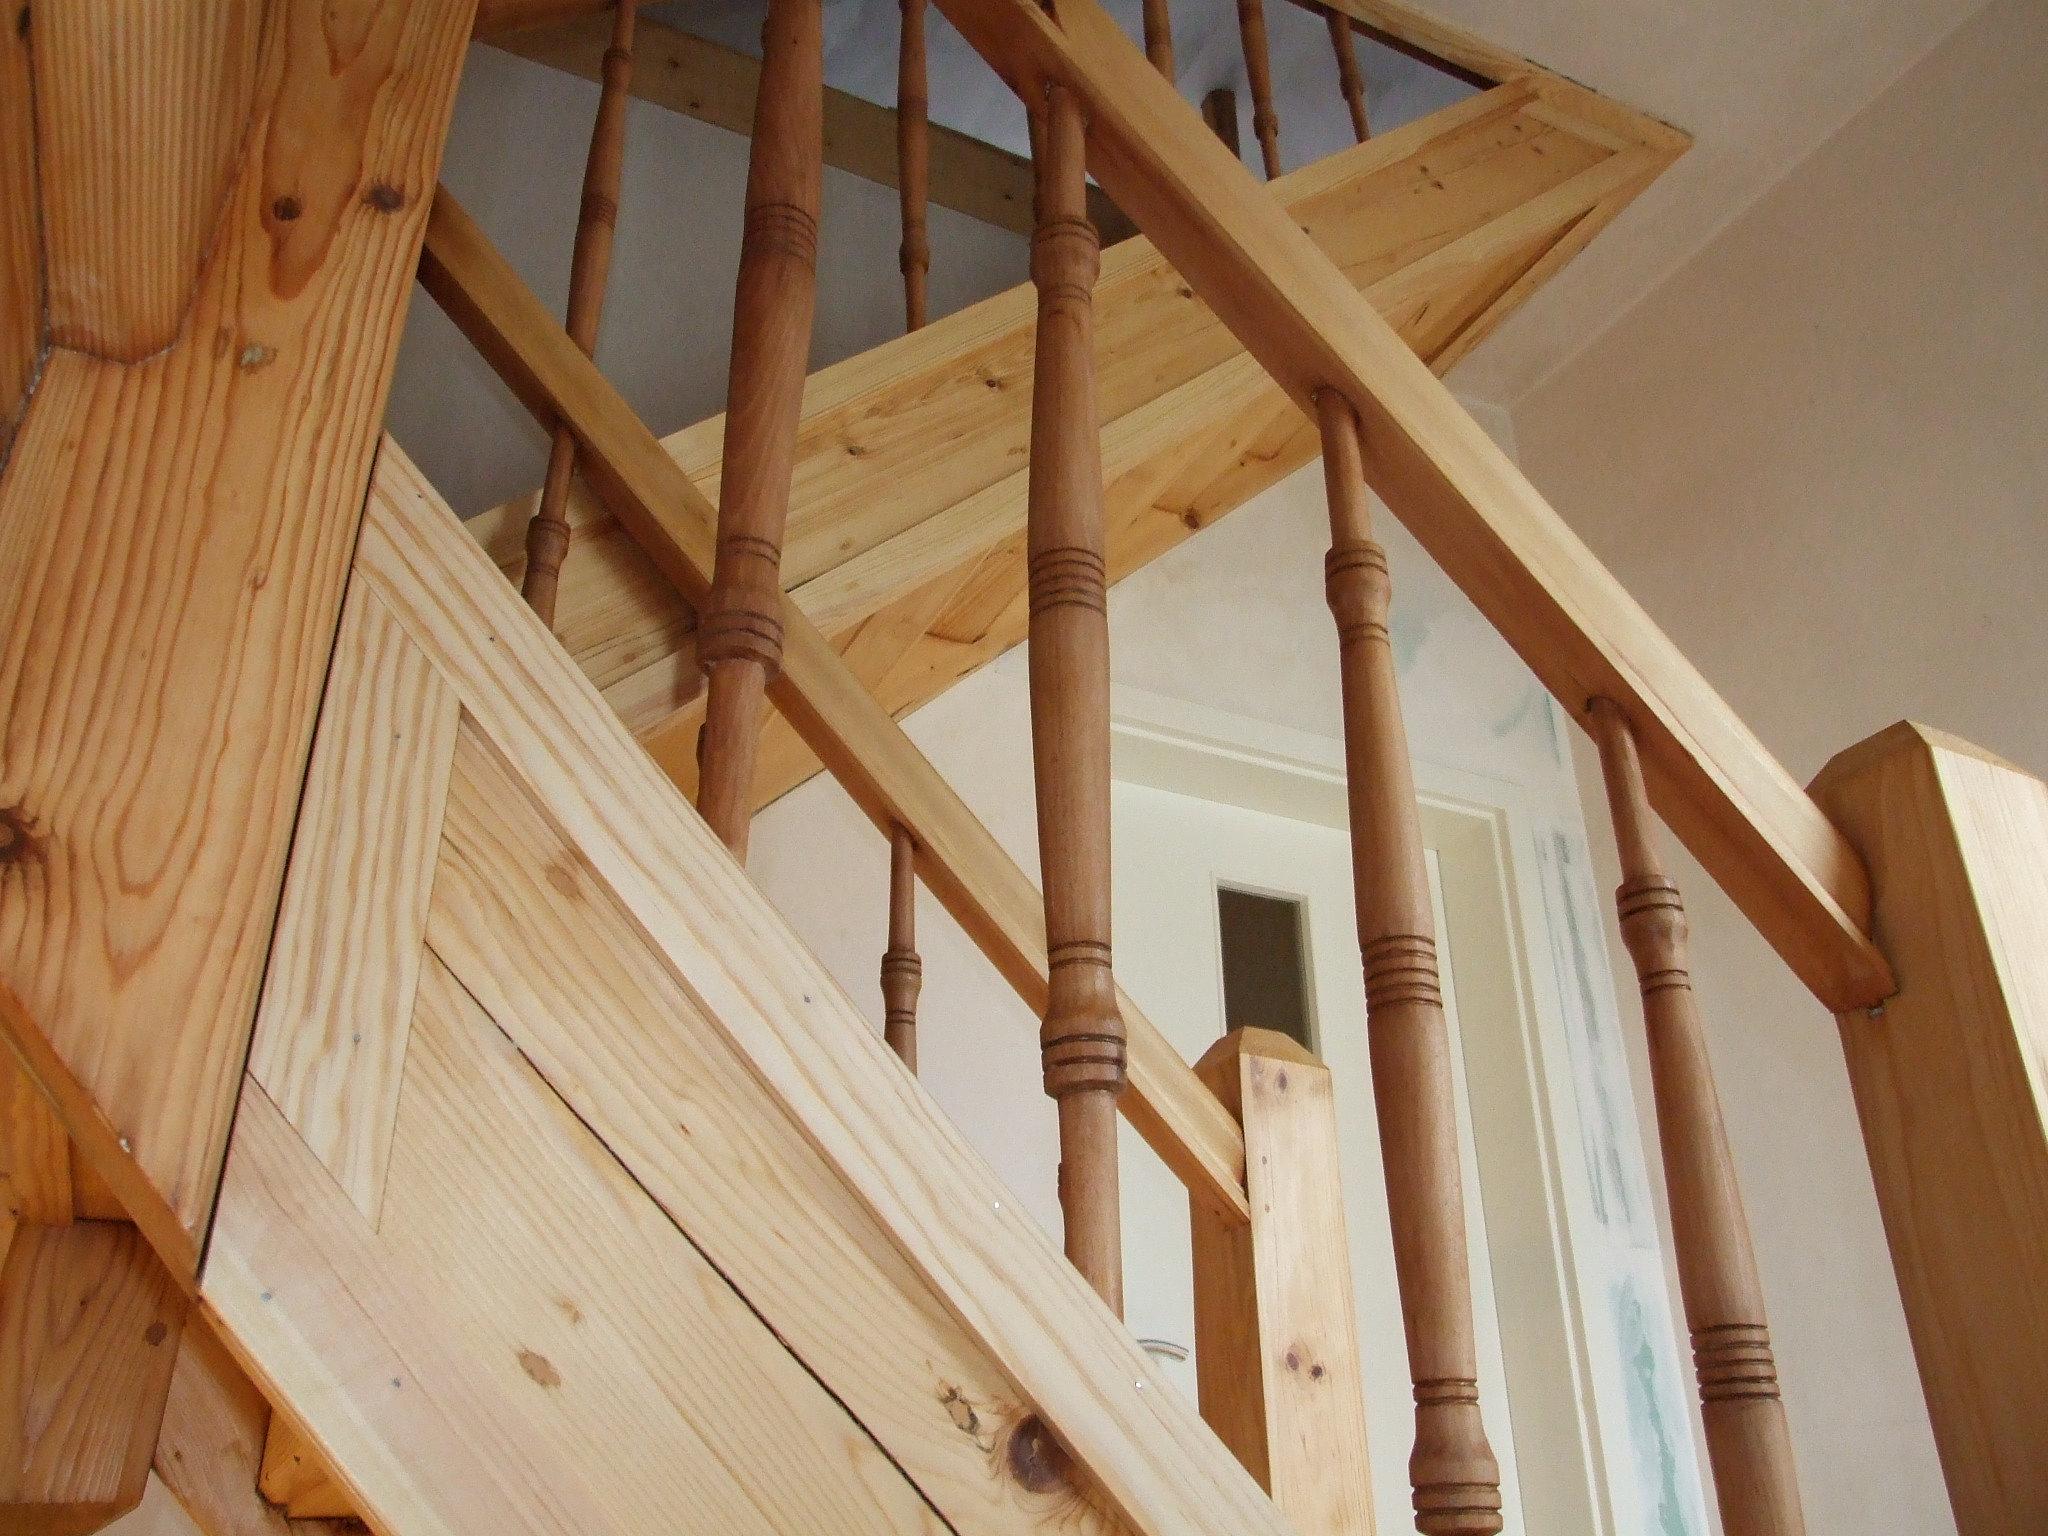 restaurierung von holztreppen treppensanierung k ln d sseldorf holztreppe abschleifen velbert. Black Bedroom Furniture Sets. Home Design Ideas